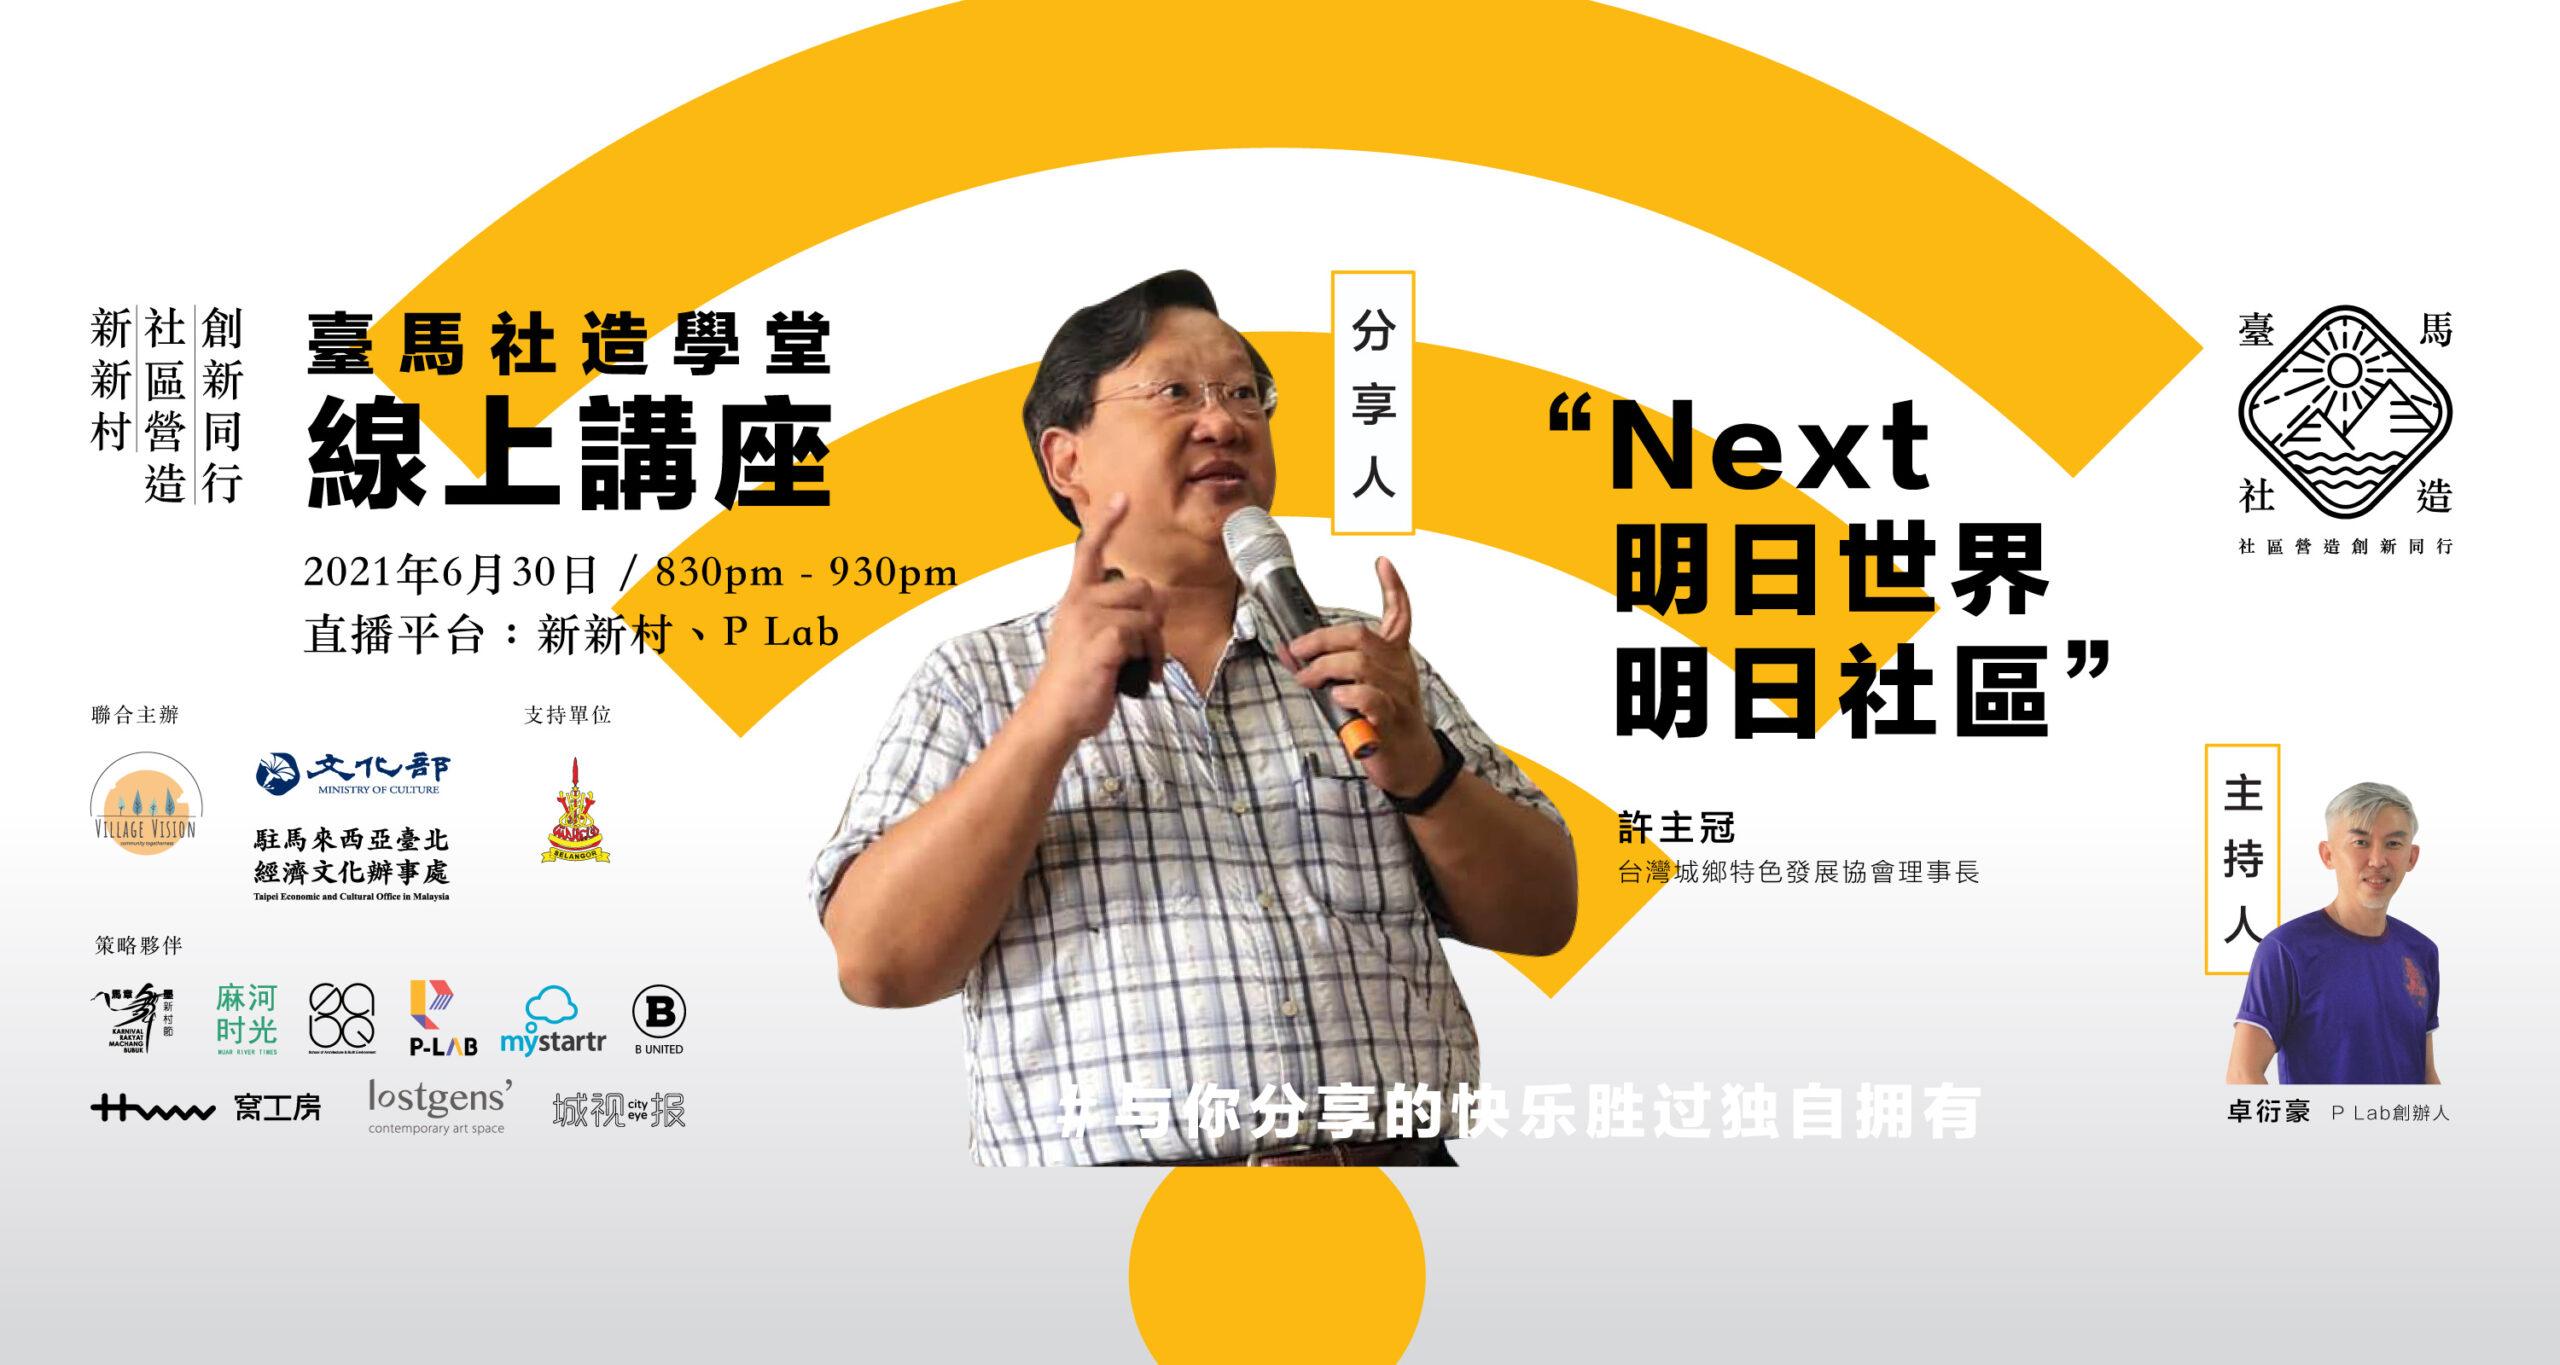 【台马社造学堂 线上讲座笔记 #5】许主冠《NEXT 未来世界 未来社区》